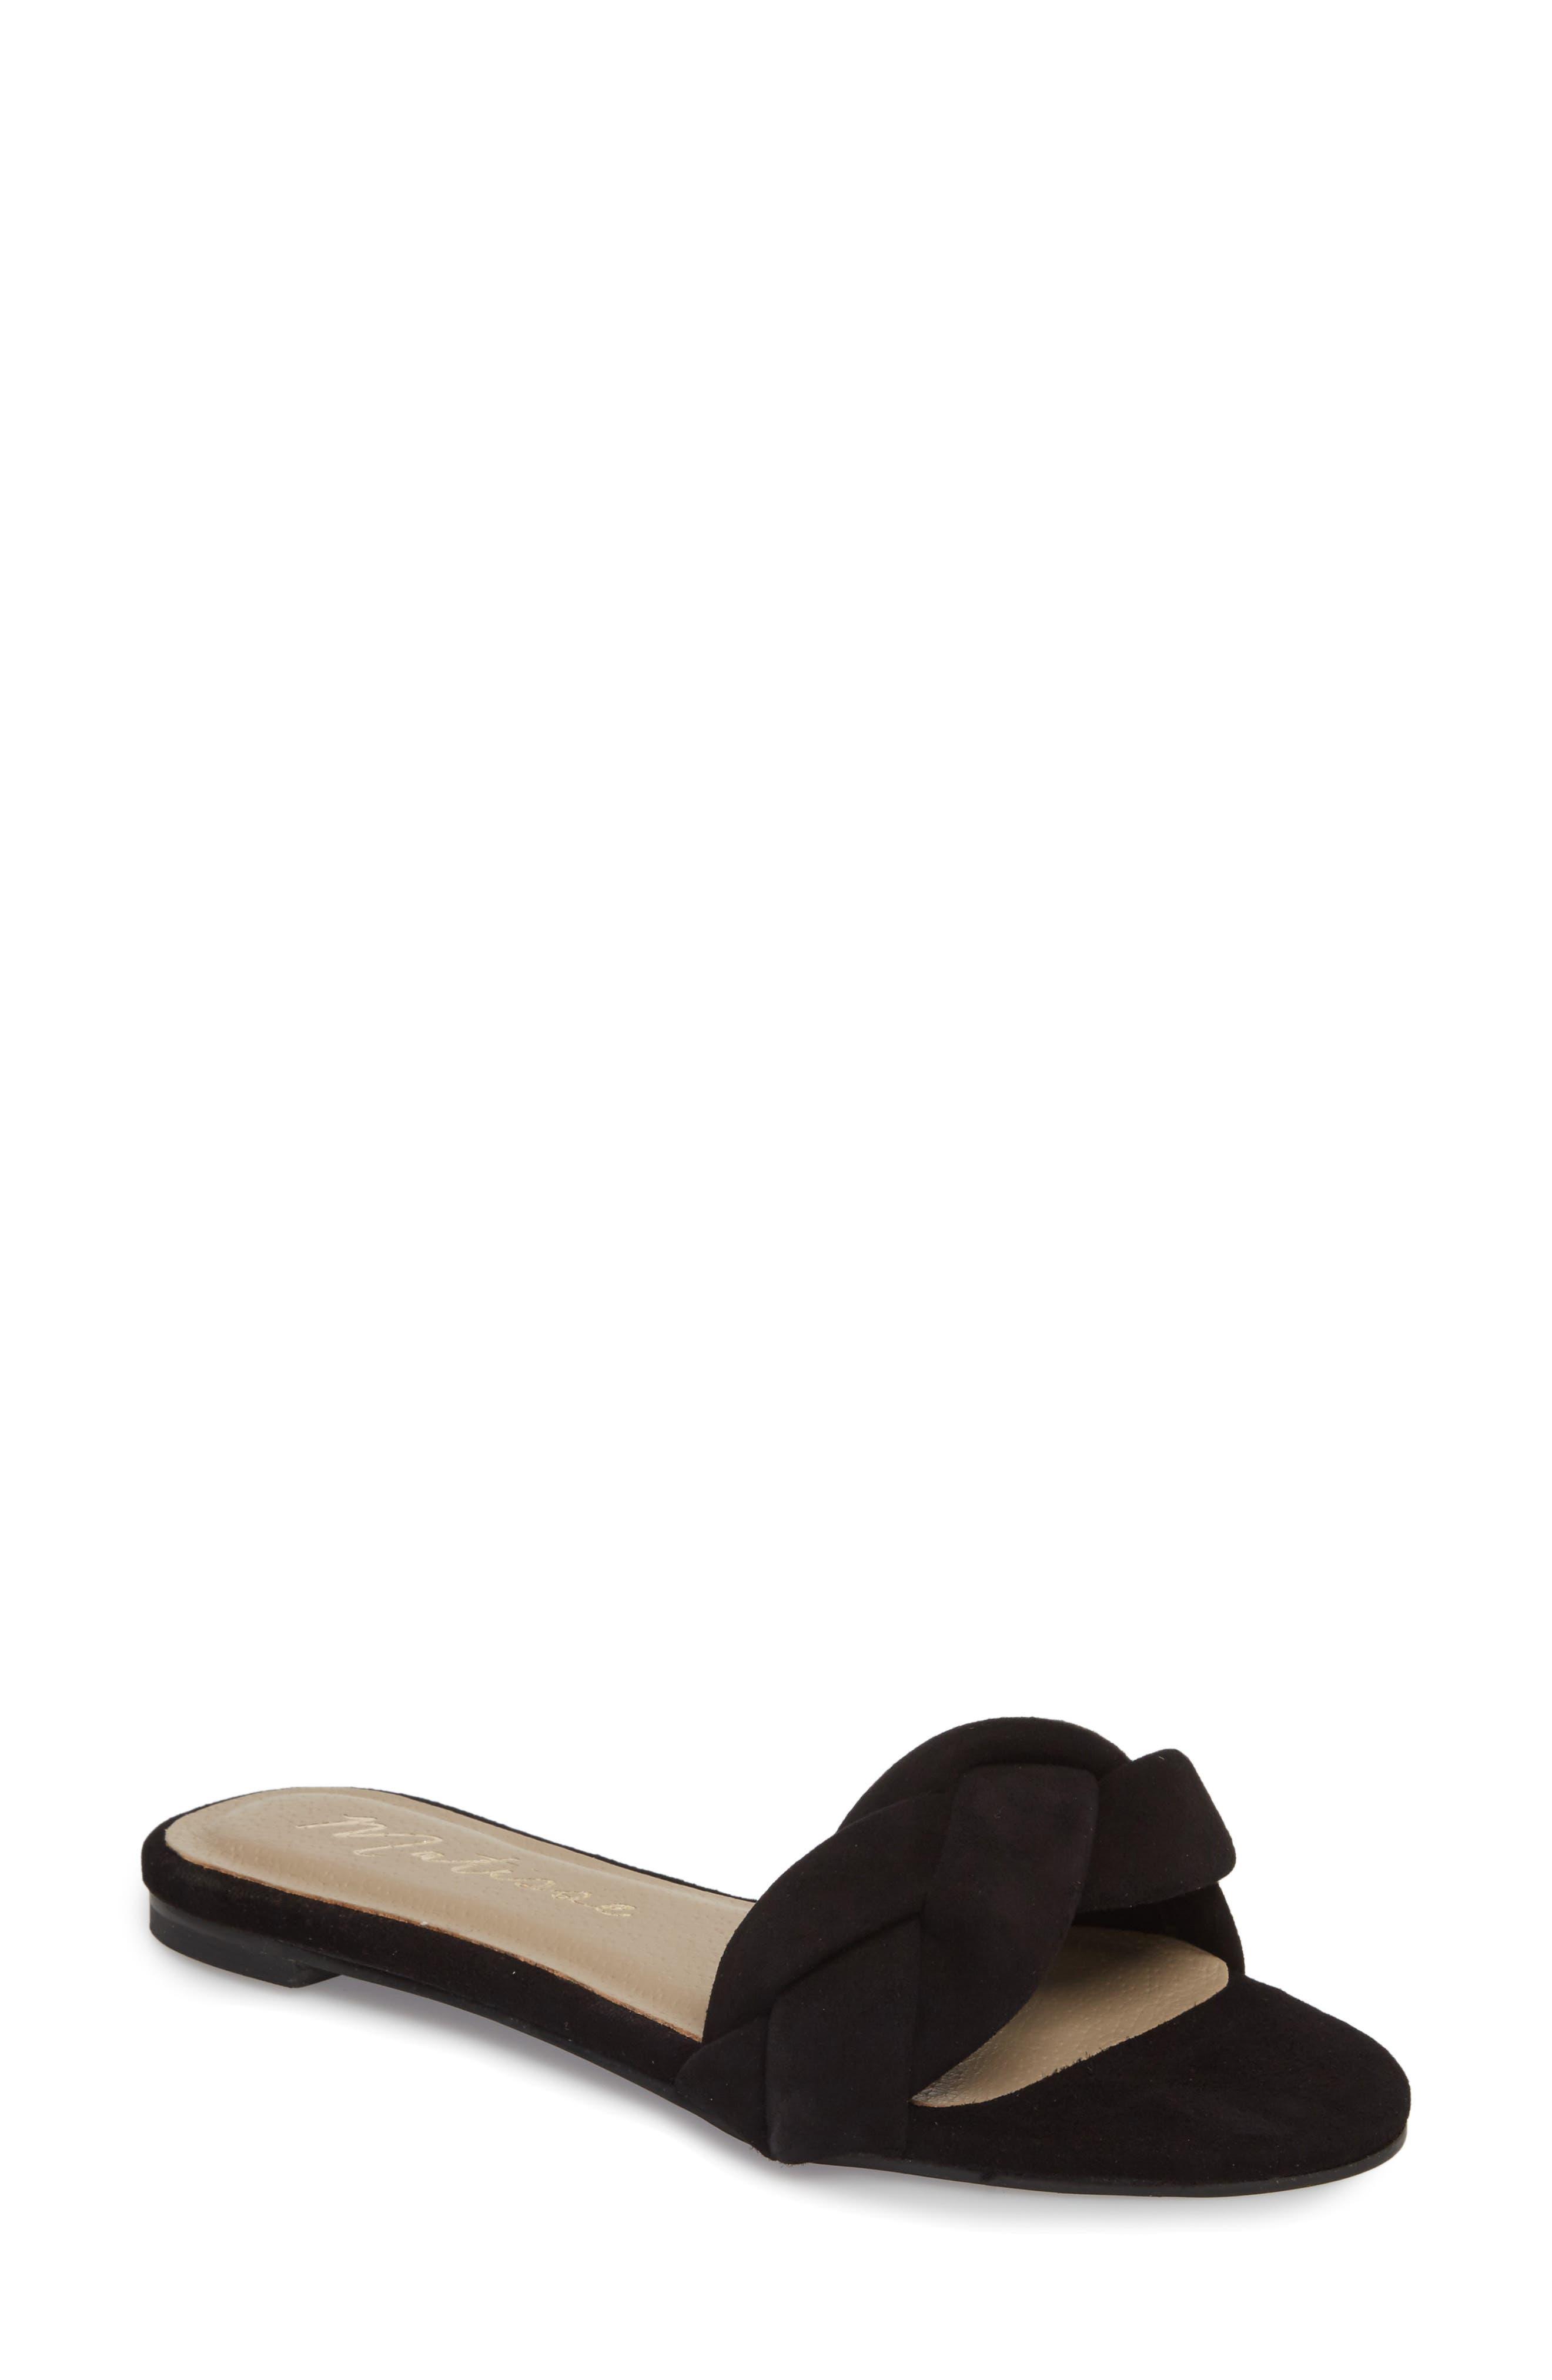 Matisse Women's Georgie Slide Sandal